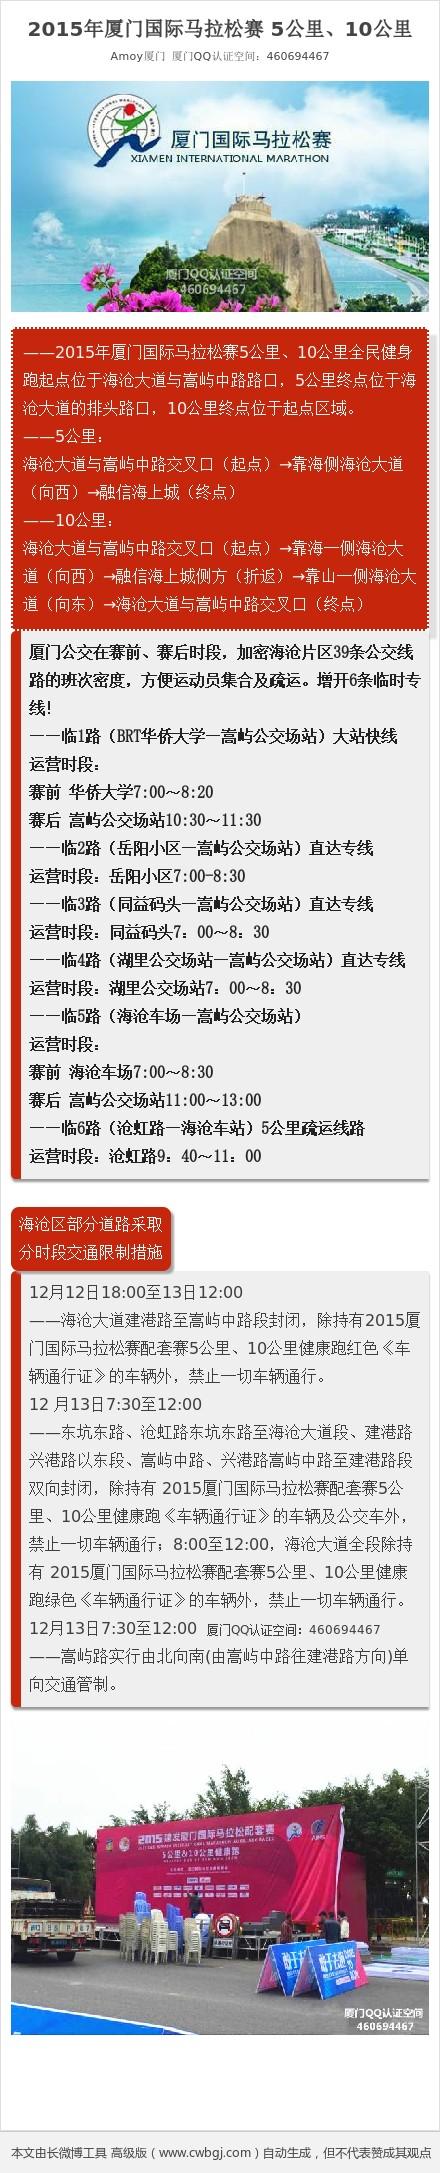 厦门国际马拉松5、10公里赛:明日海沧大道开跑 2015年厦门国际马拉松赛 Amoy厦门 2